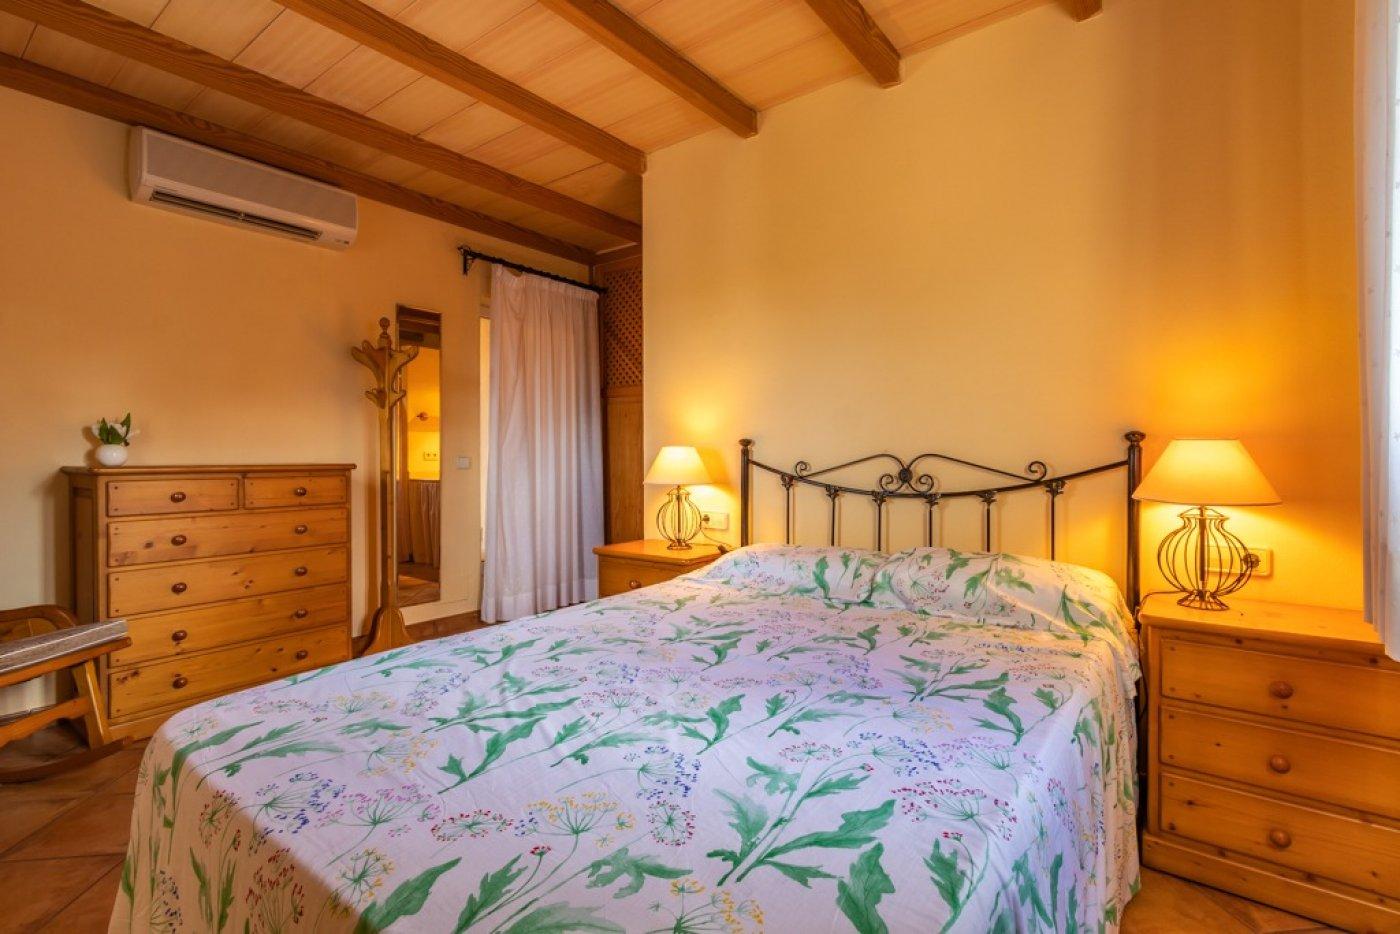 Magnifica villa en ses salines - can somni - ideal inversores turÍsticos - imagenInmueble28